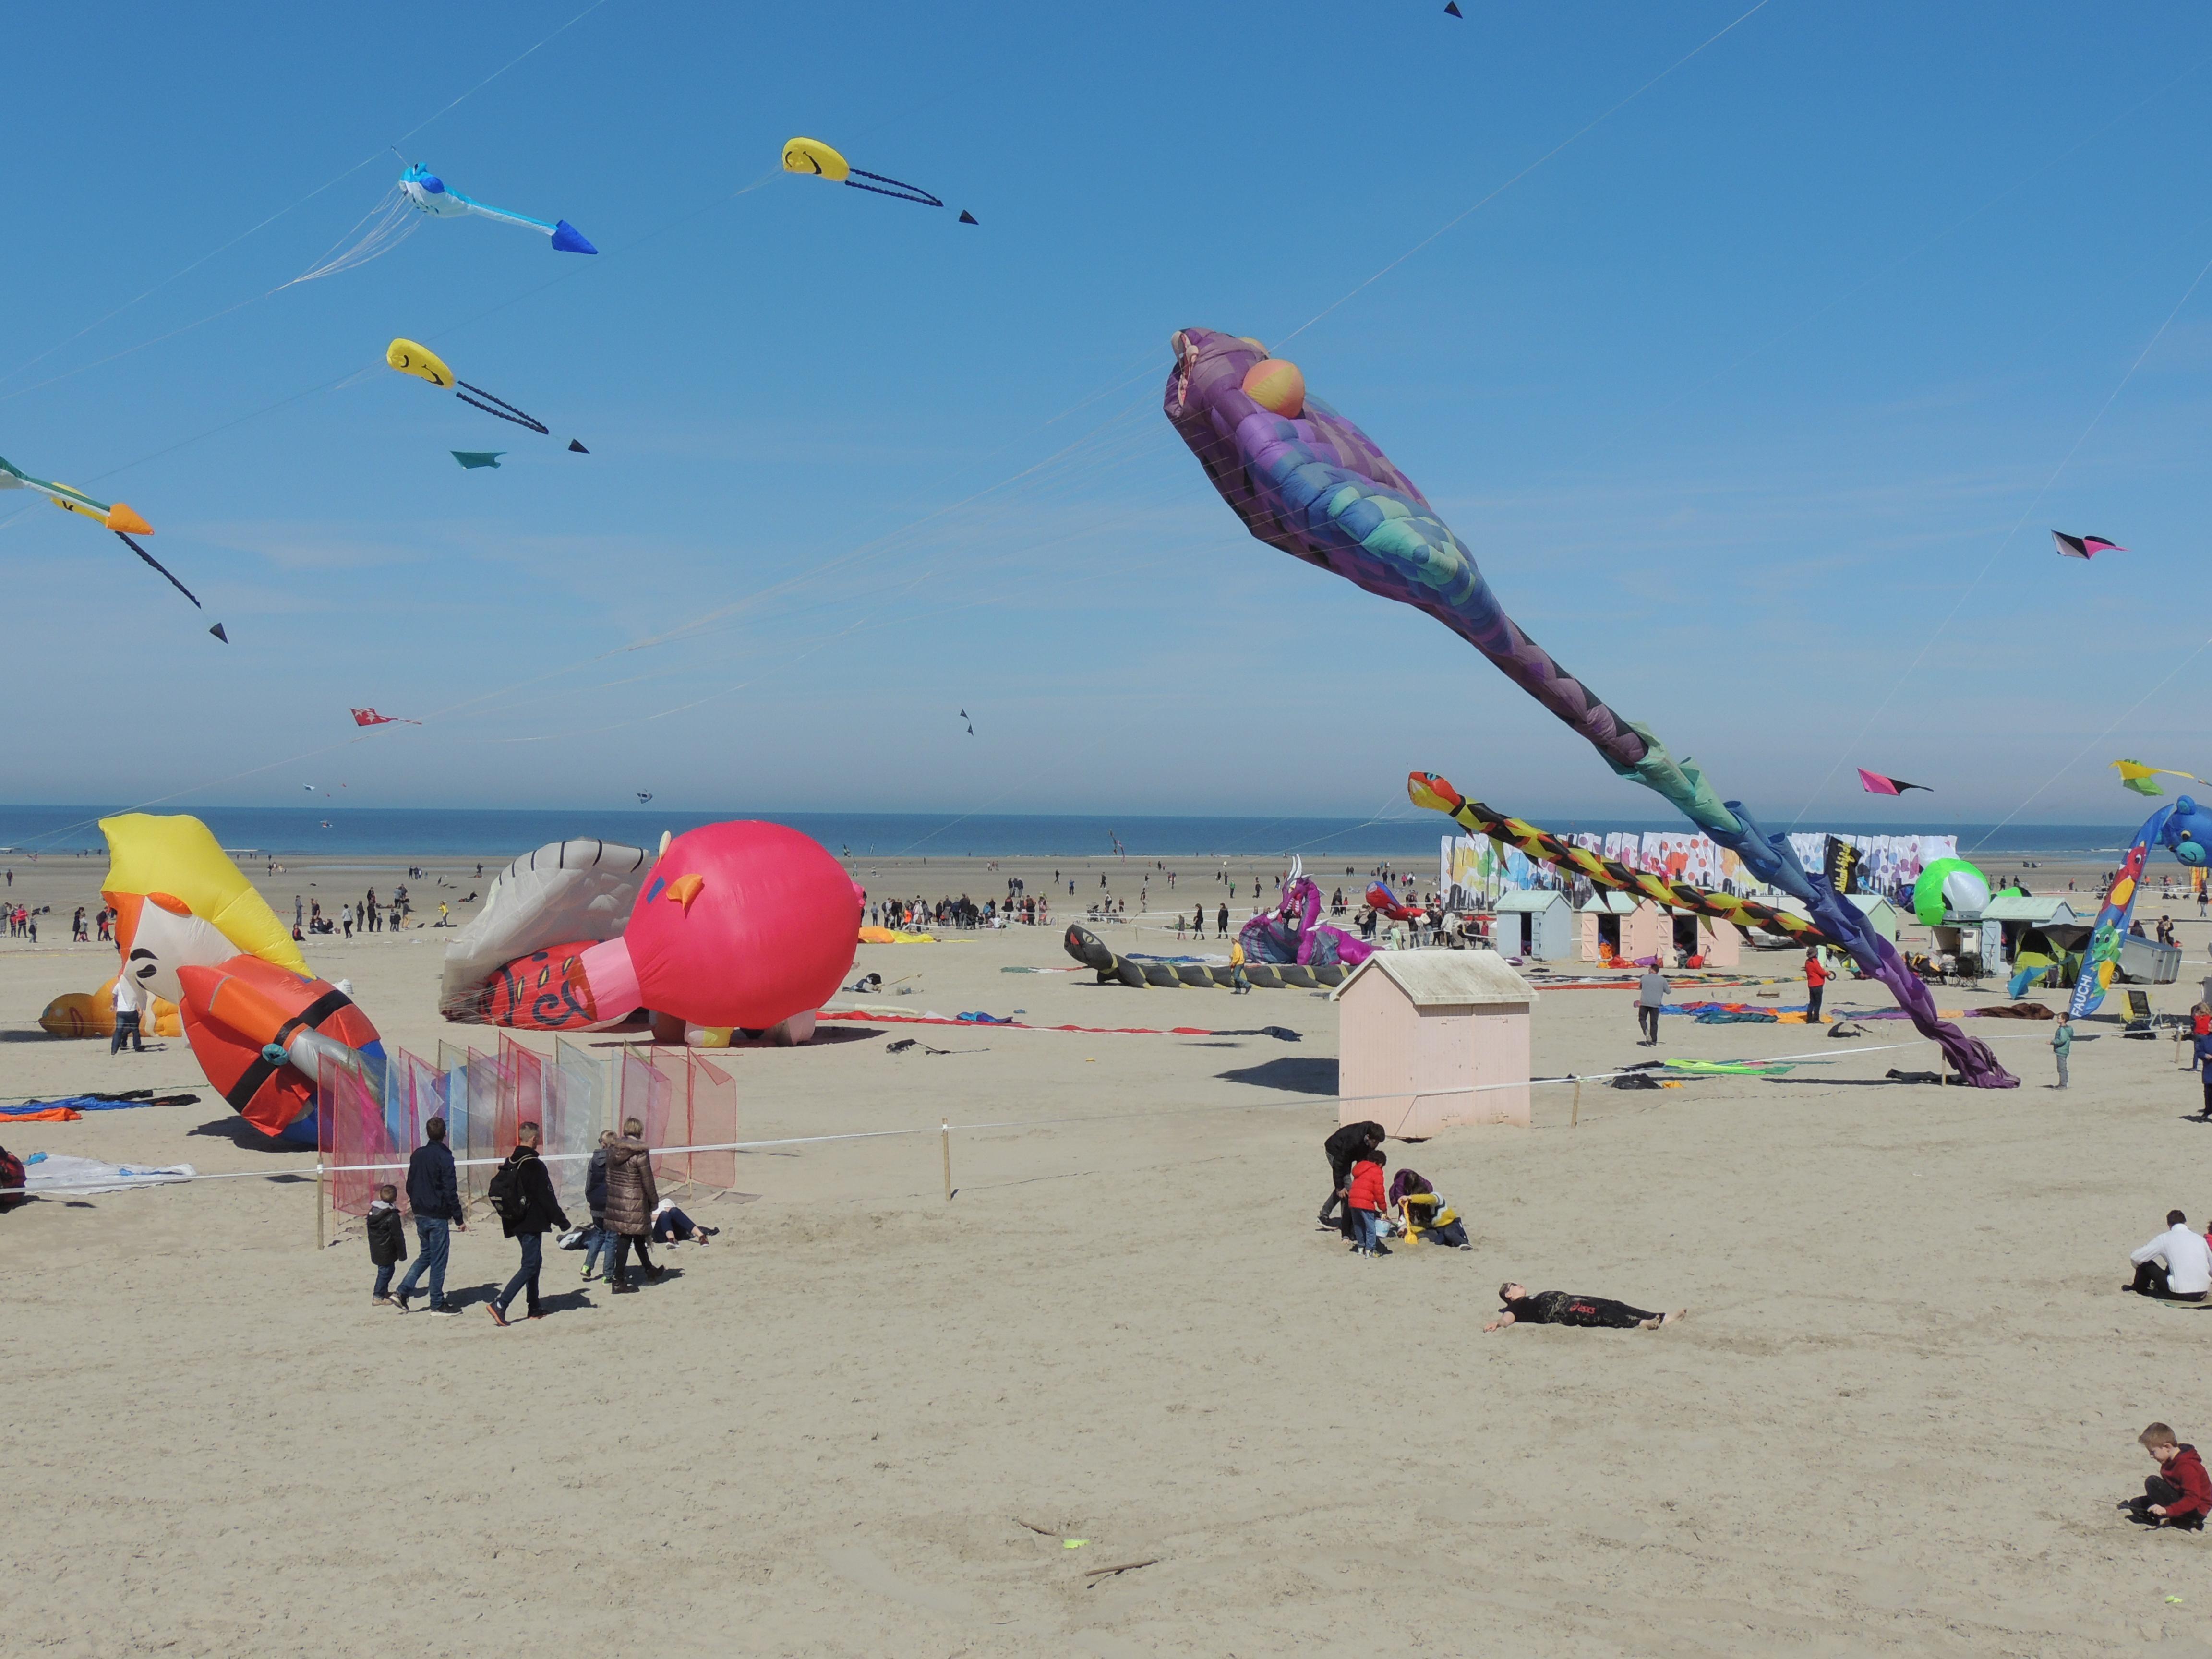 Festival du cerf-volant à Berck plage